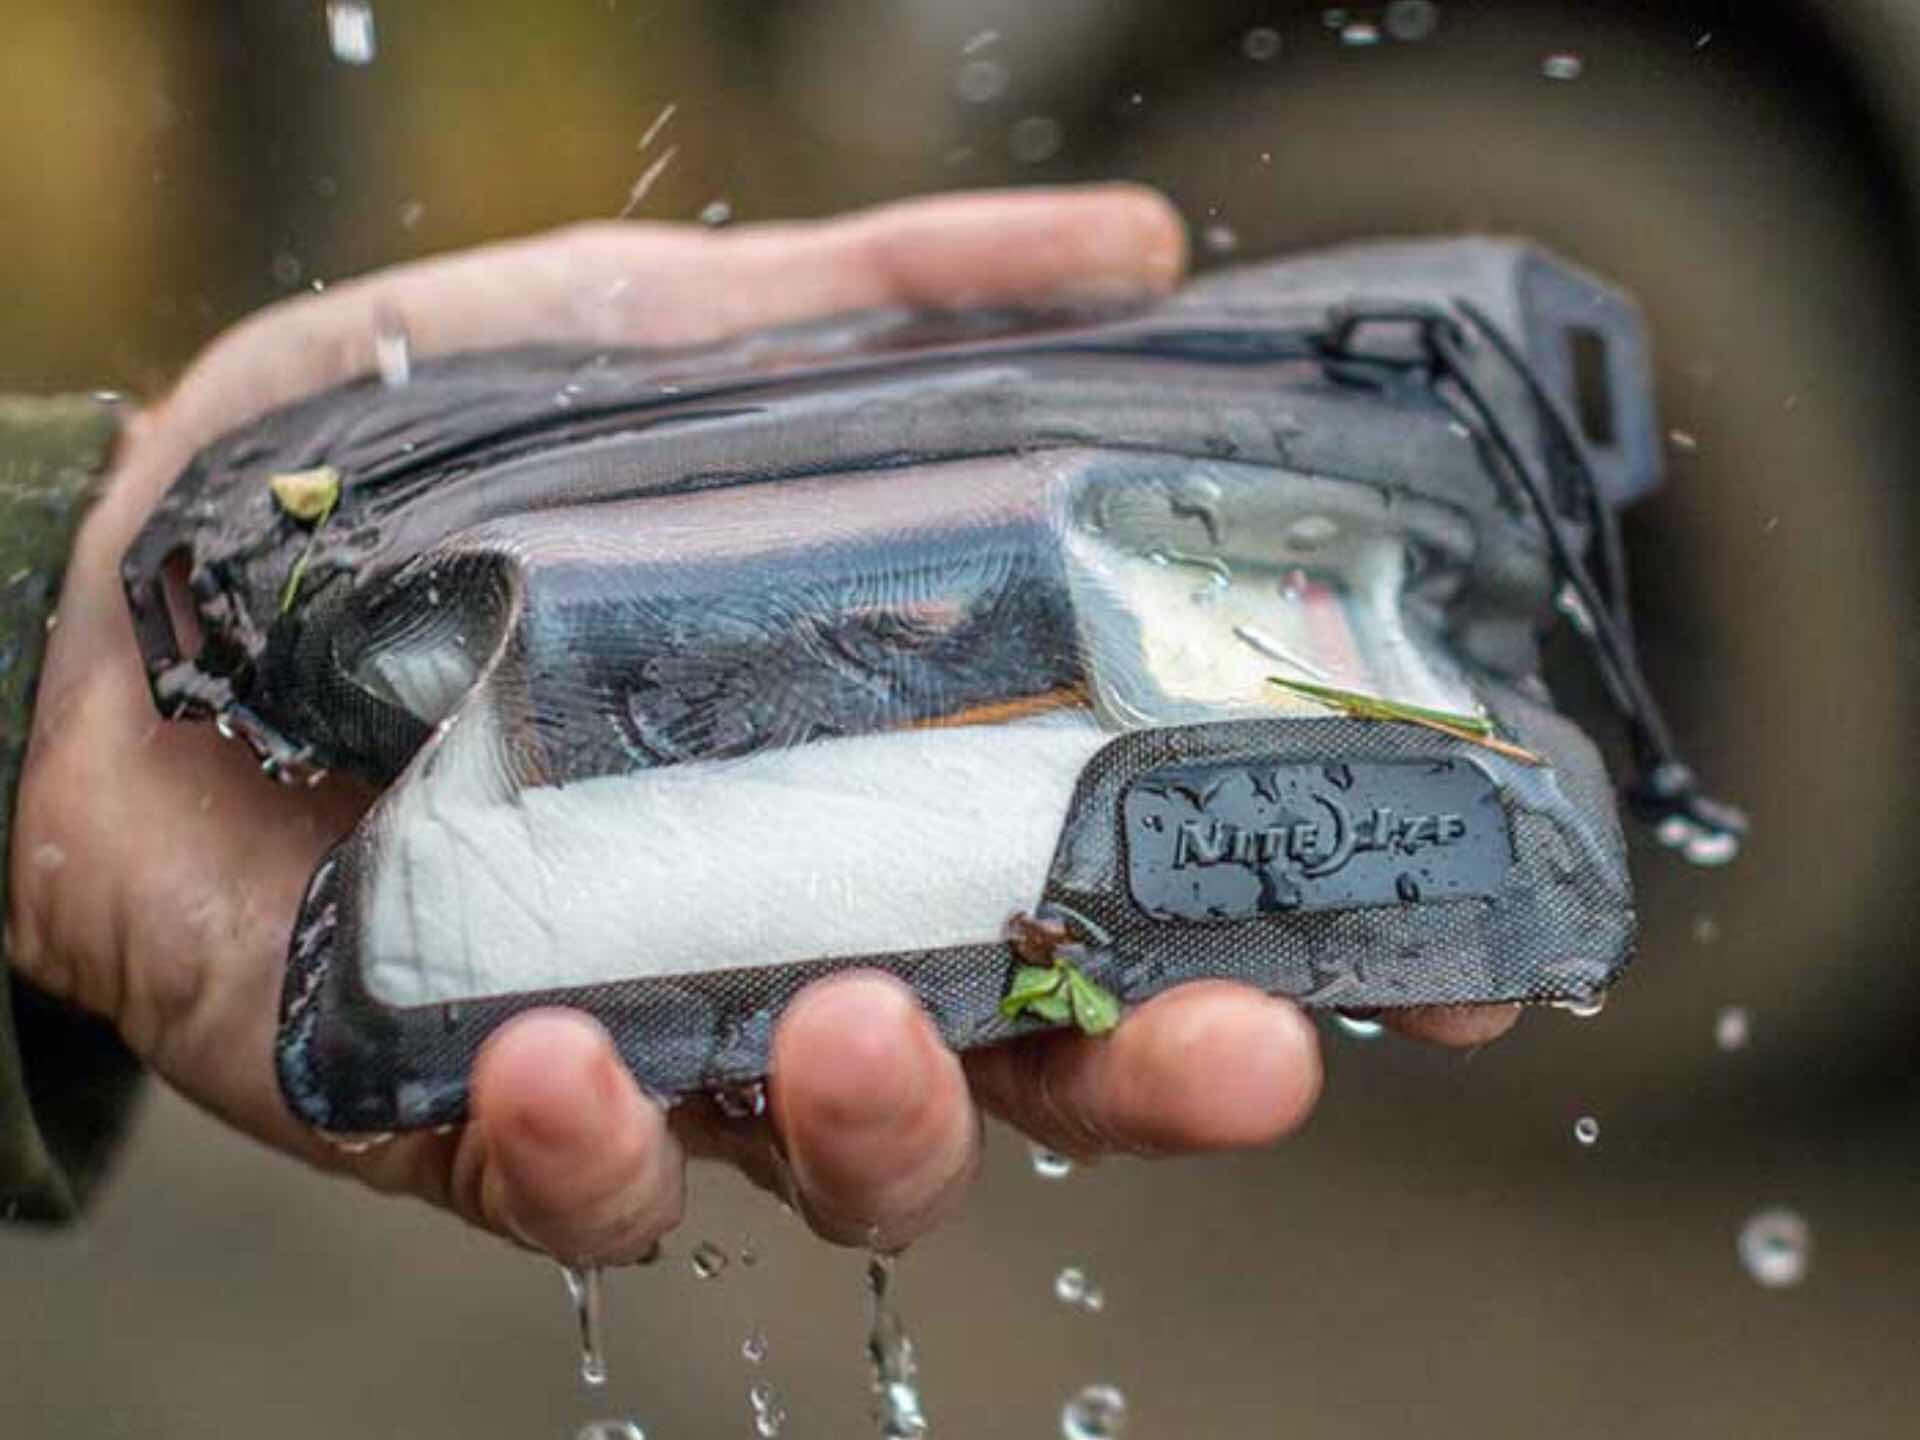 nite-ize-runoff-waterproof-wallet